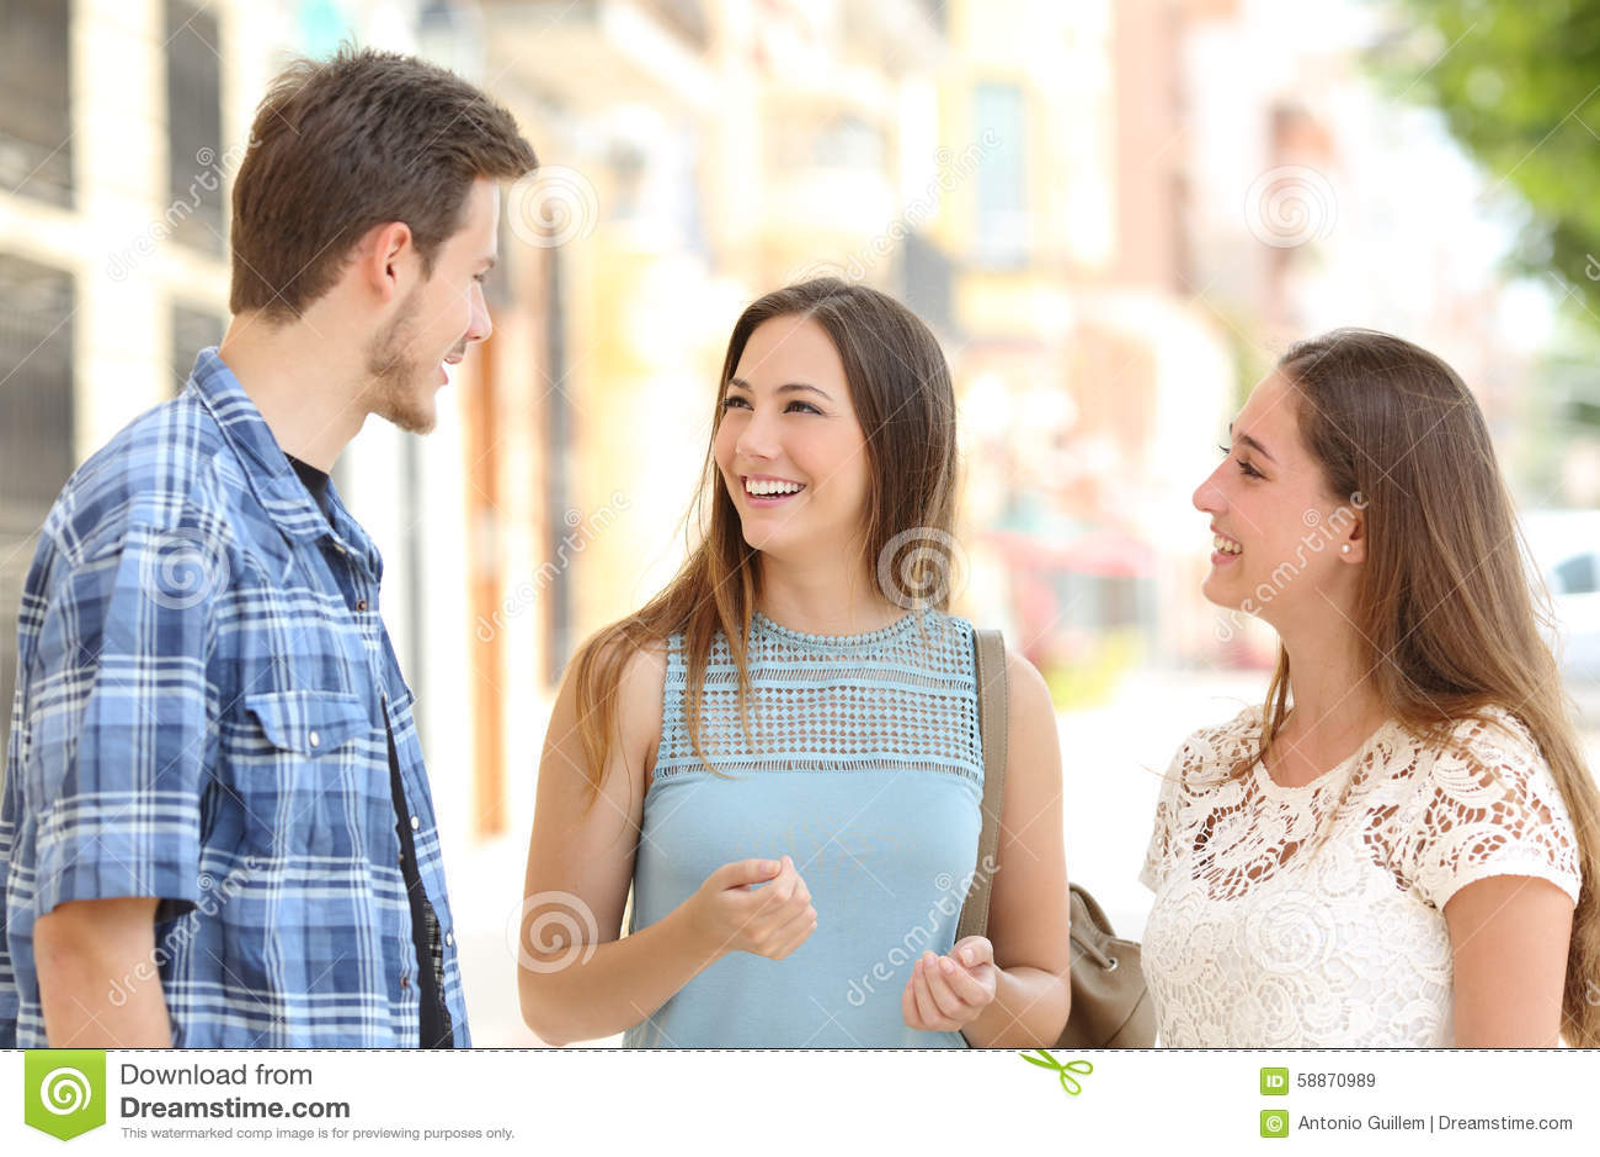 谈话三个的朋友采取在街道上的一次交谈